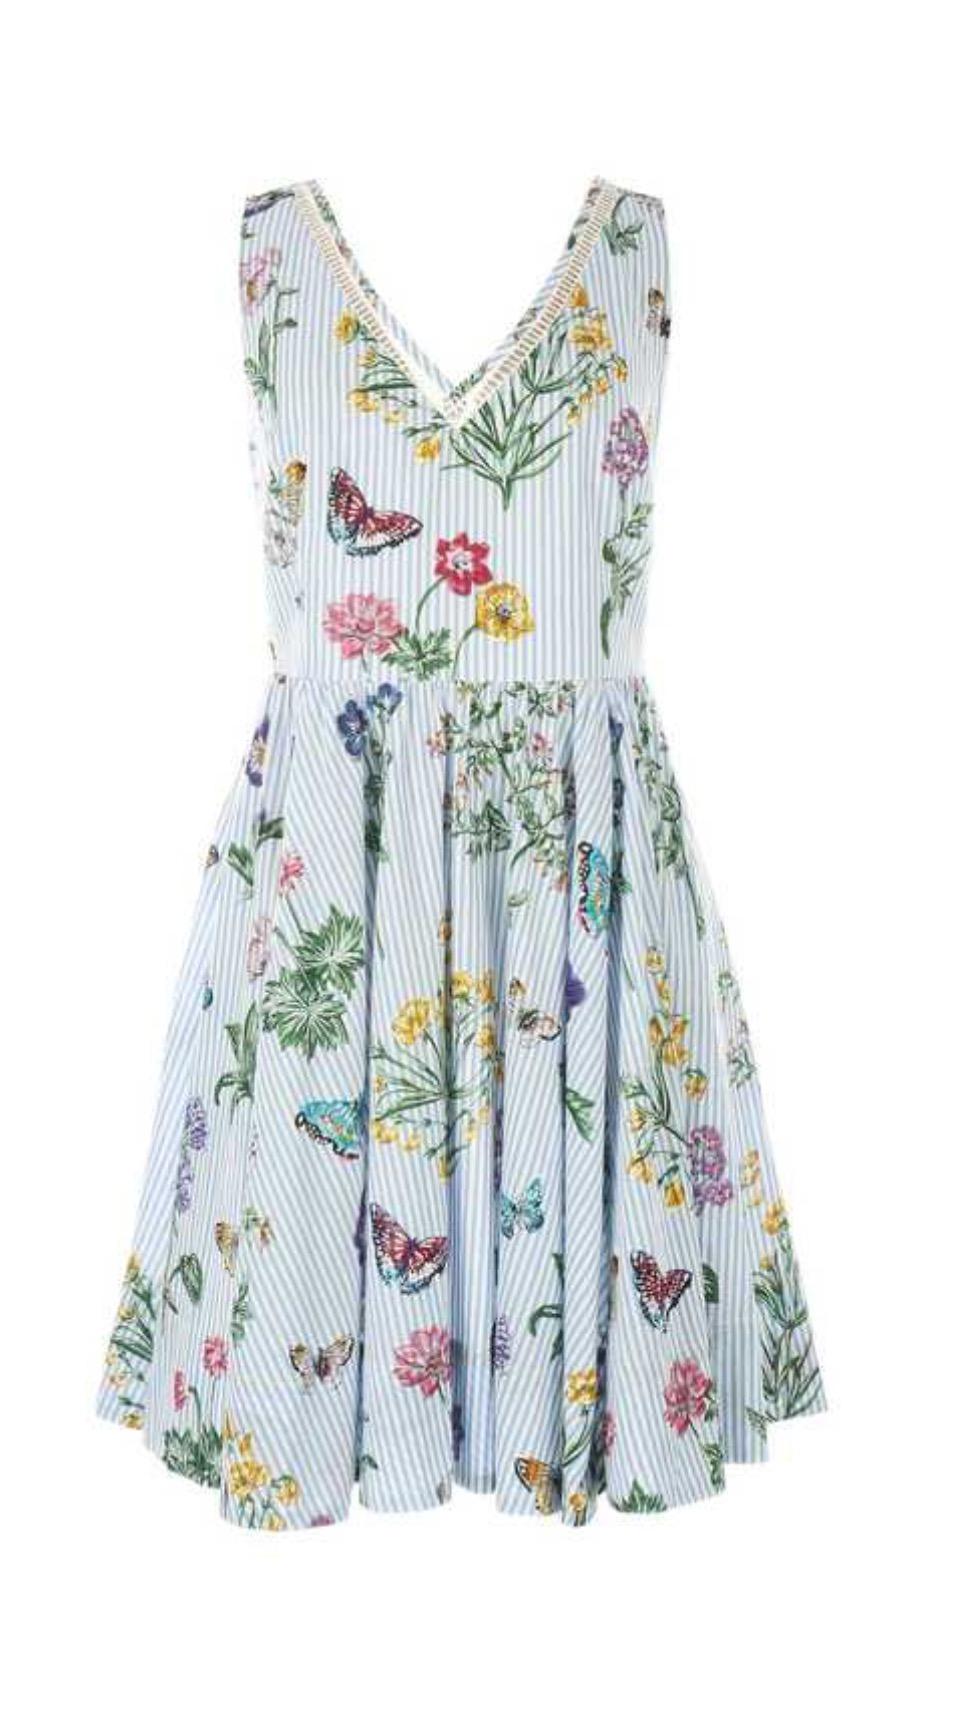 שמלת וי פסים ופרחים